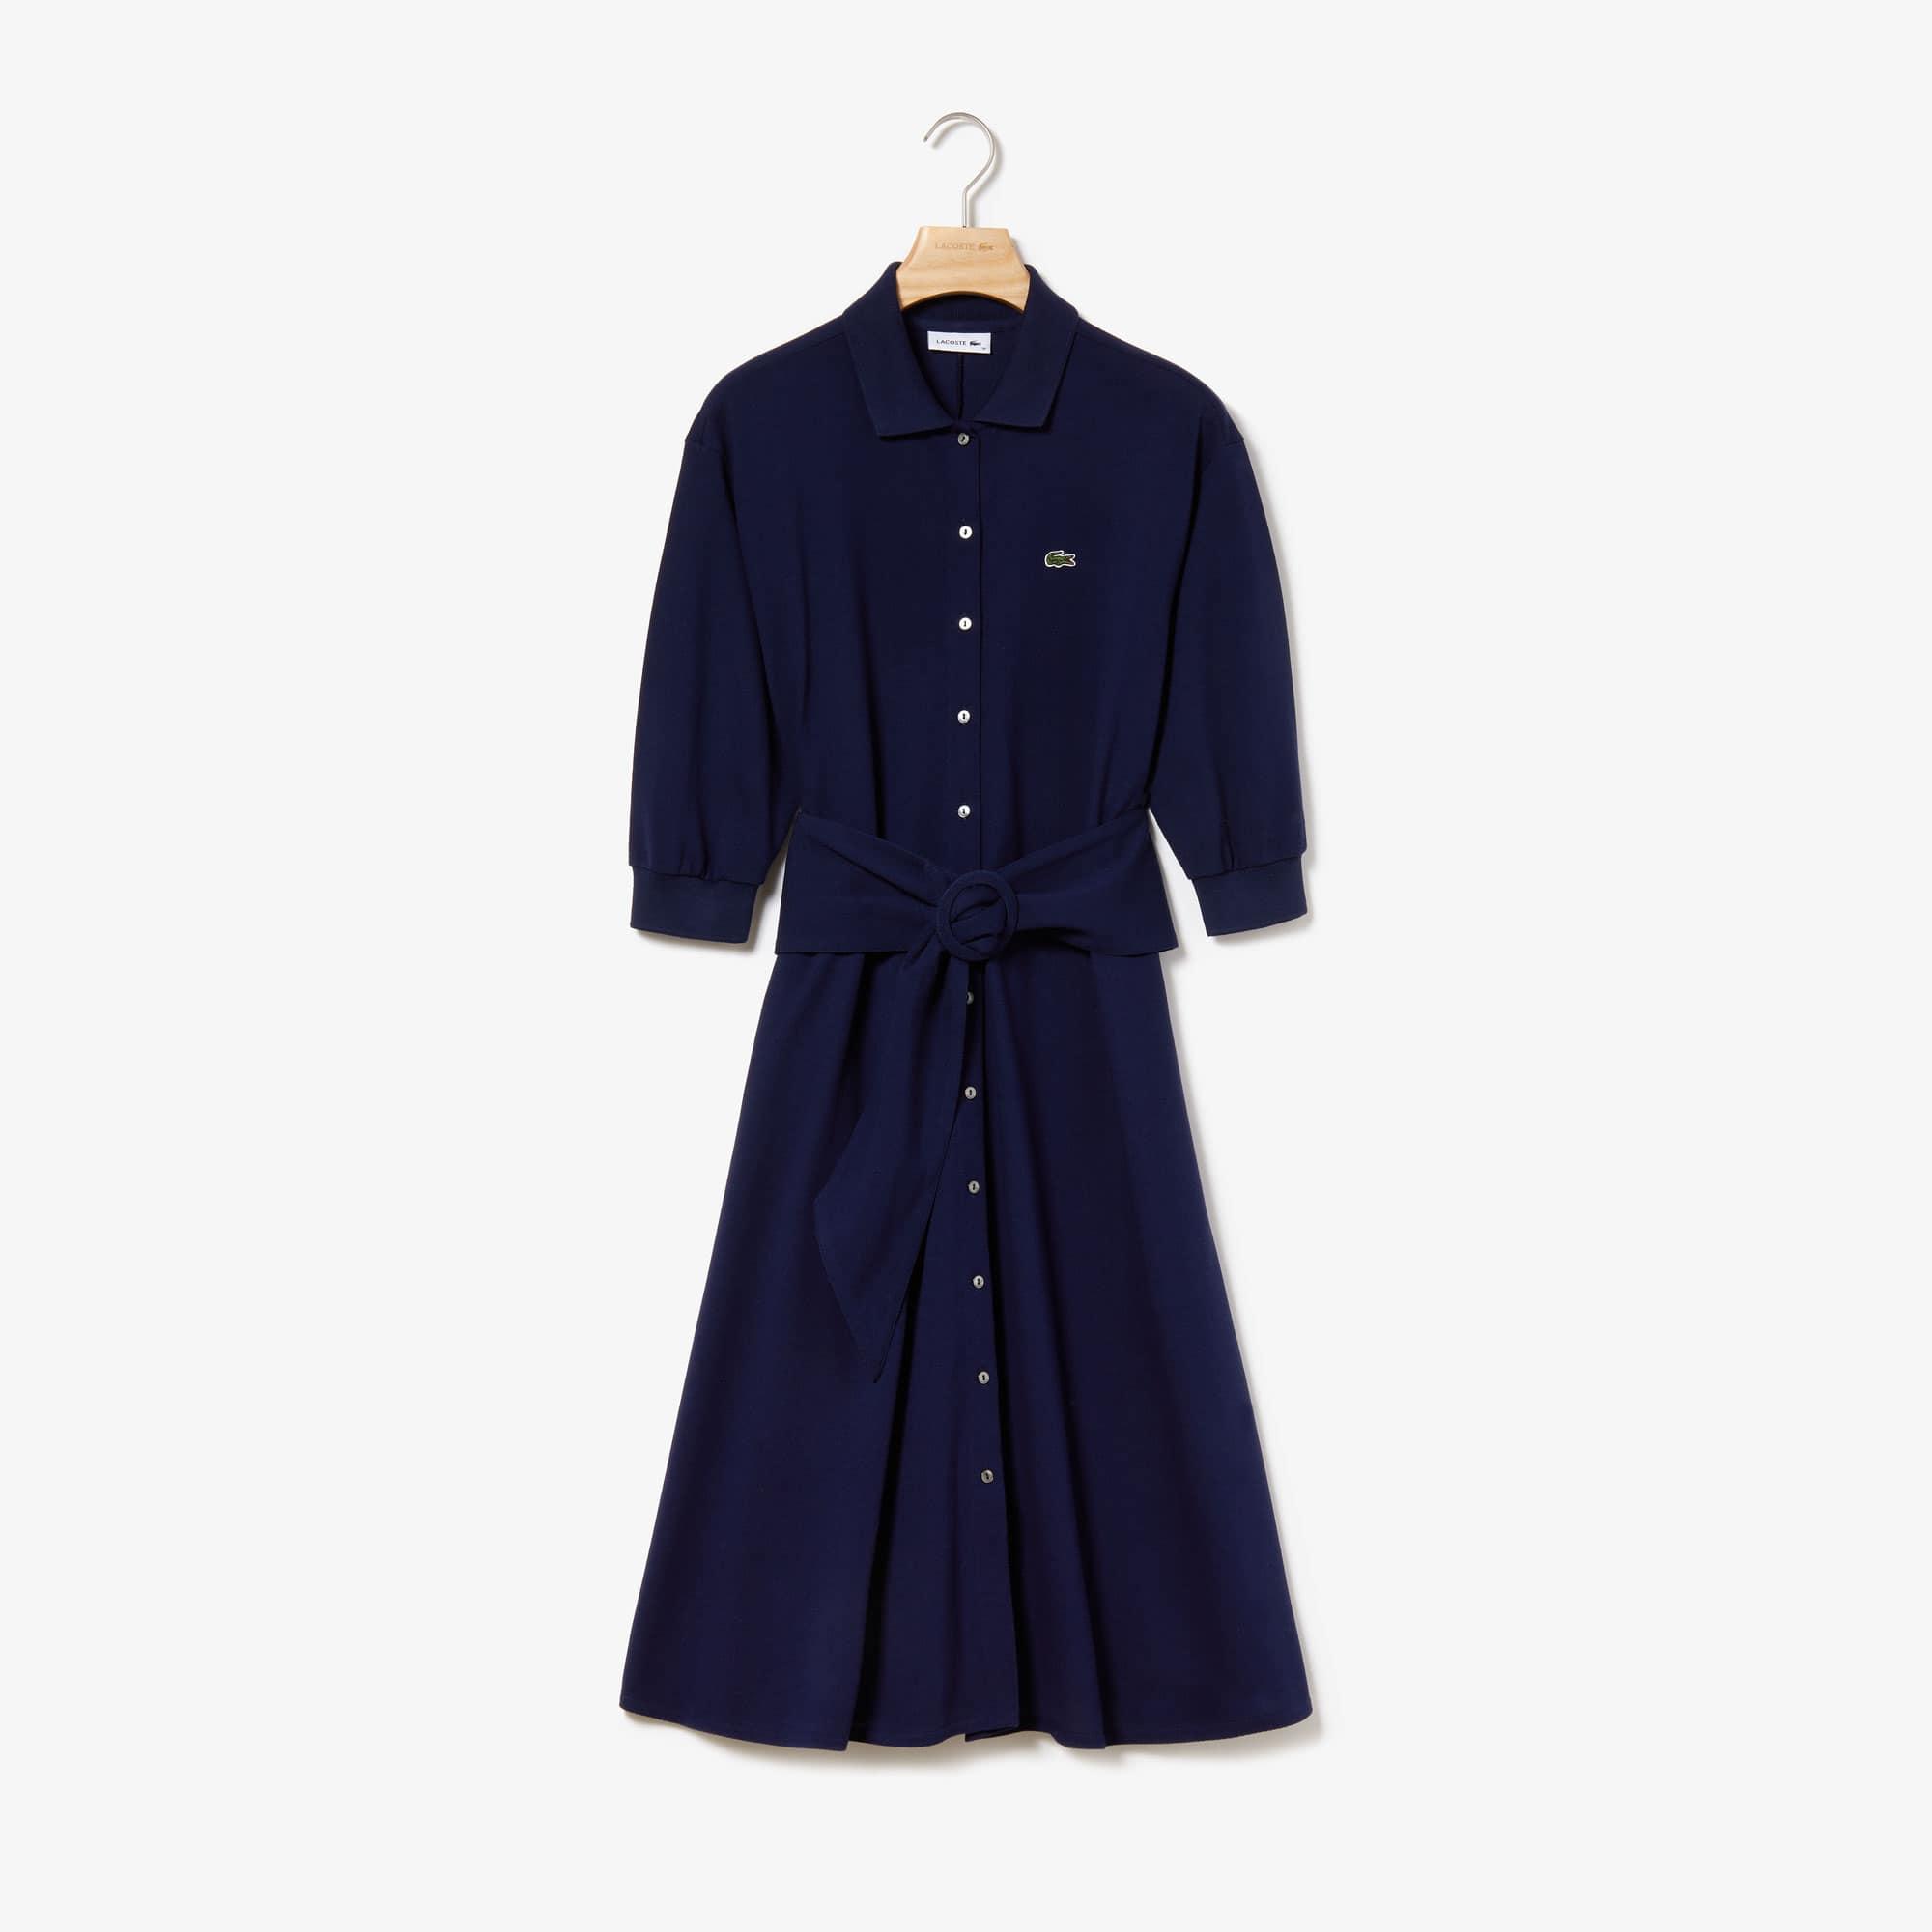 Damen-Polokleid aus weichem Petit Piqué mit Gürtel und Knöpfen